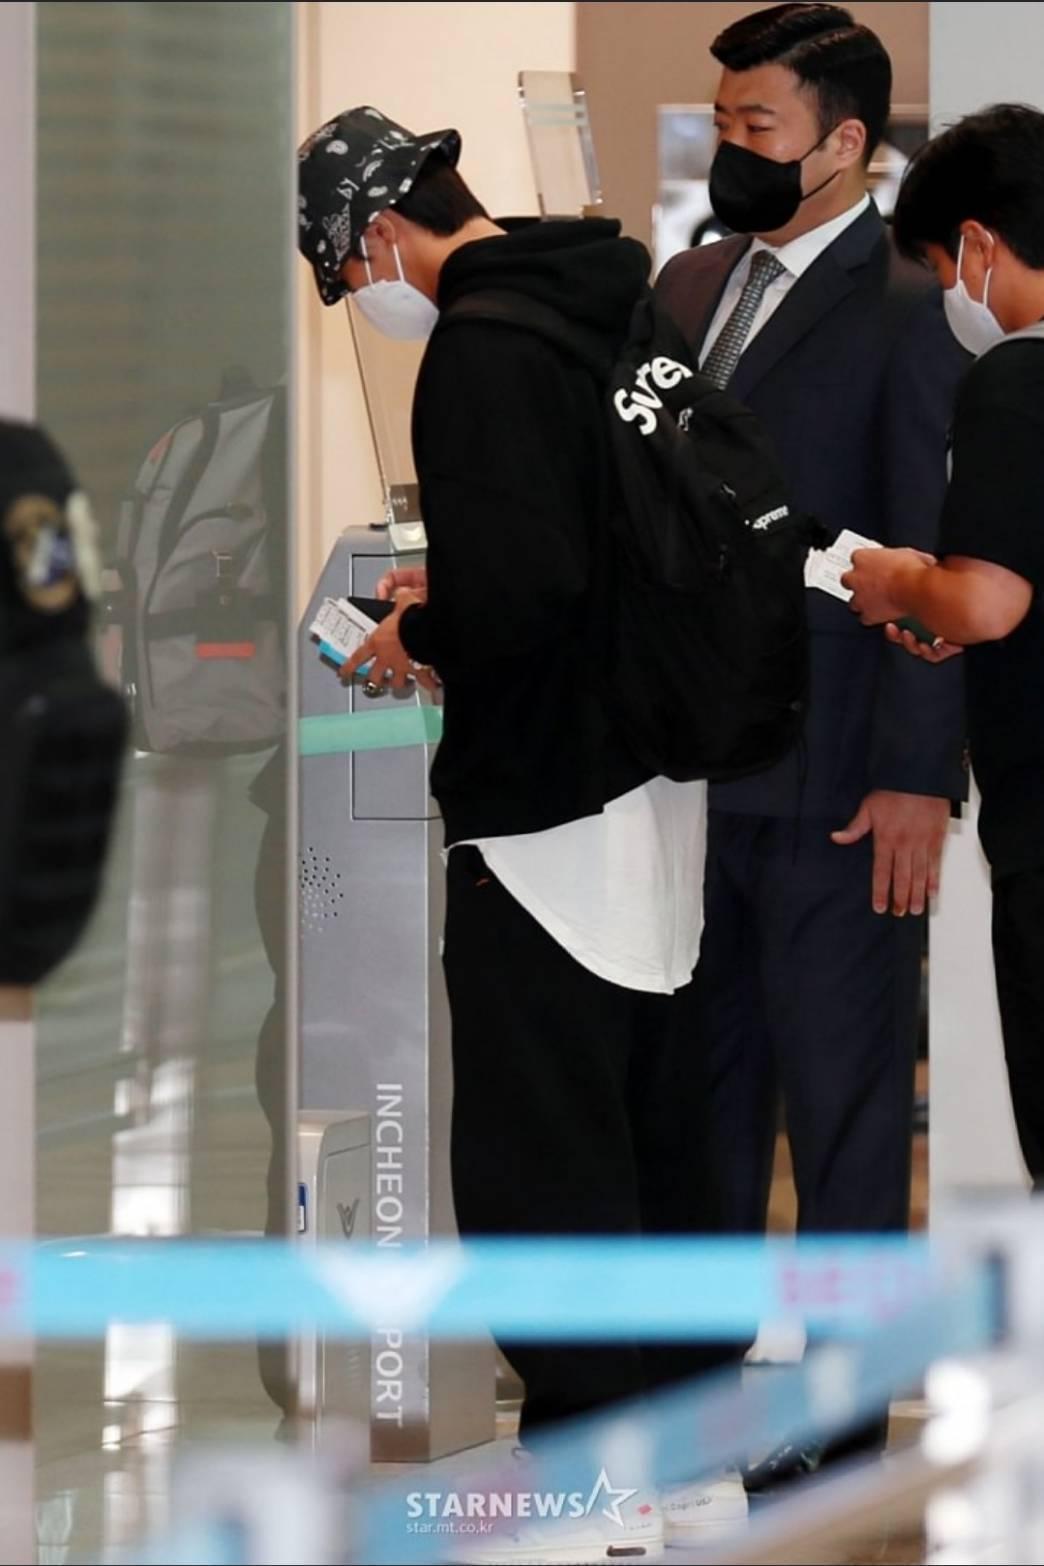 朴敘俊被拍到動身前往英國。圖/摘自STARNEWS